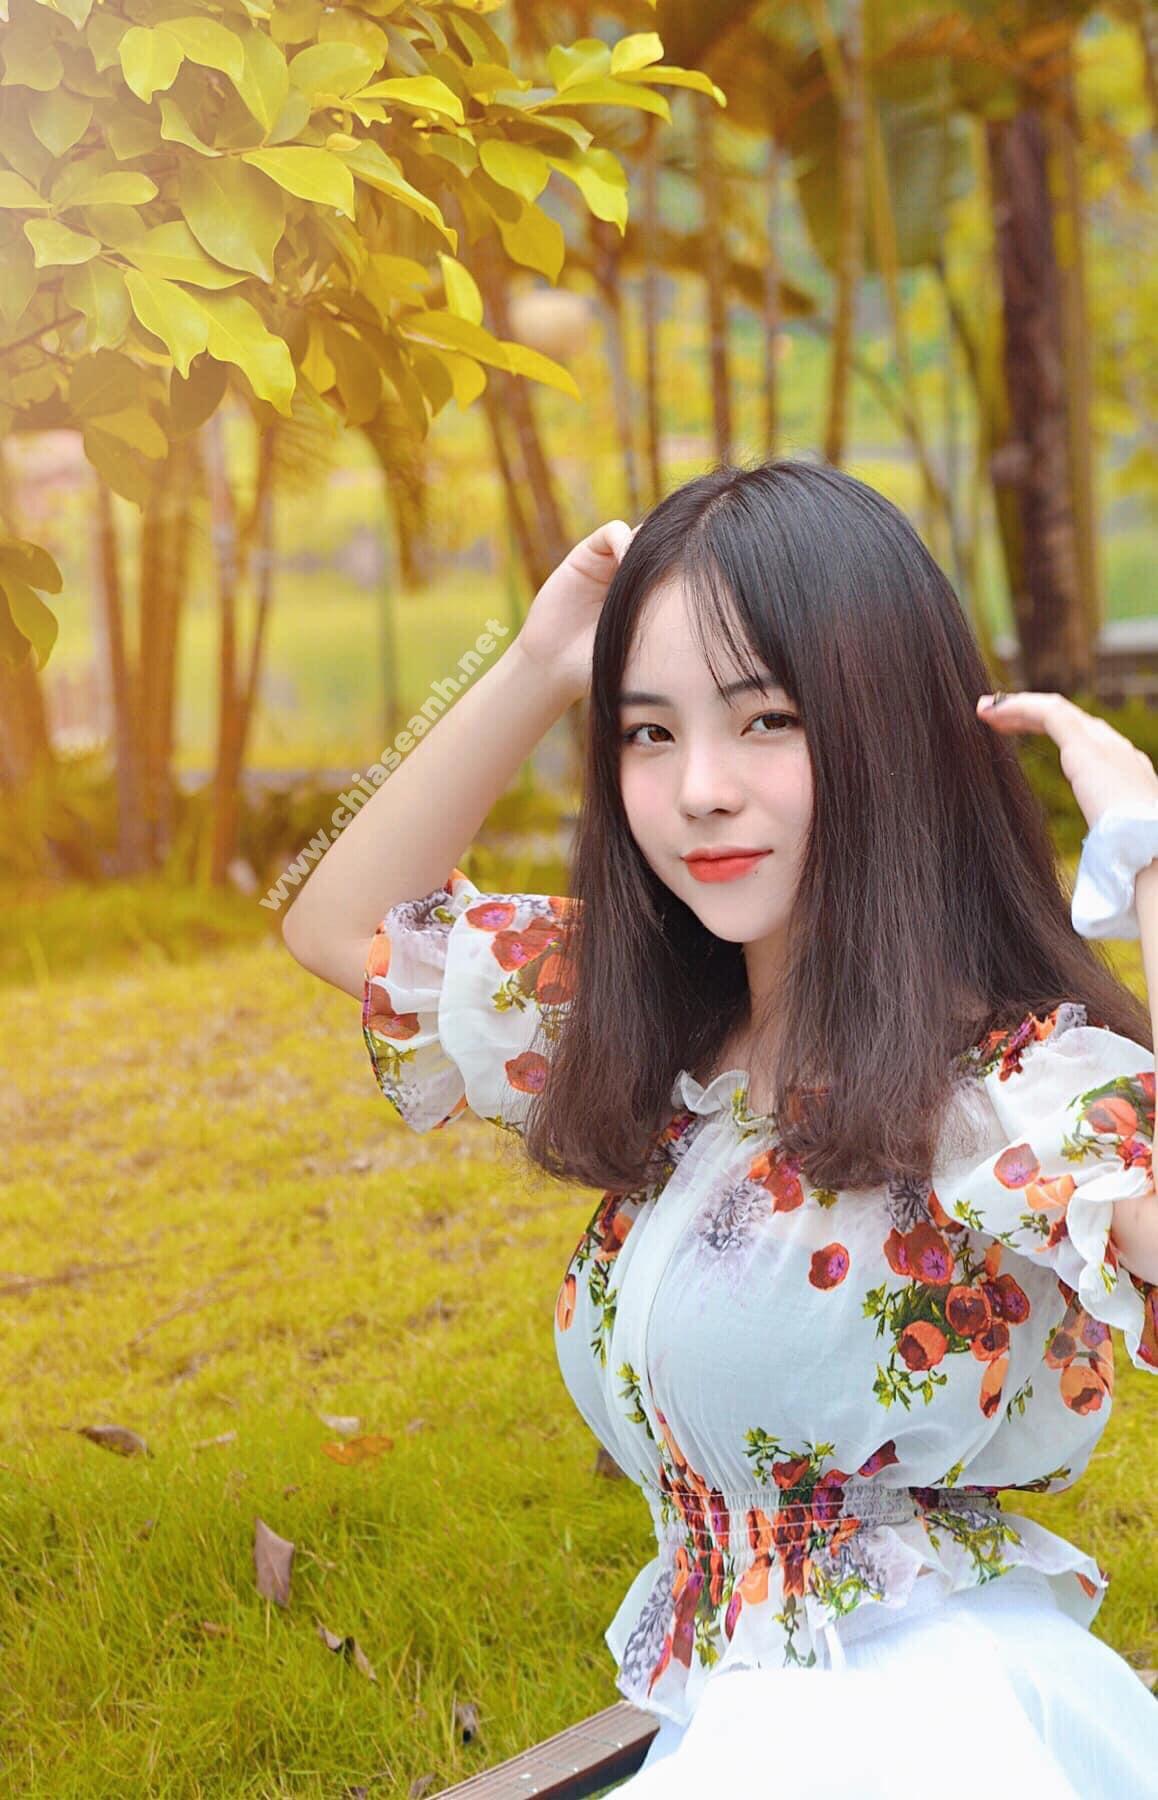 Cô gái 1m52 với vẻ đẹp trong trẻo cùng 'tâm hồn' quyến rũ  - Nguyễn Vương Anh